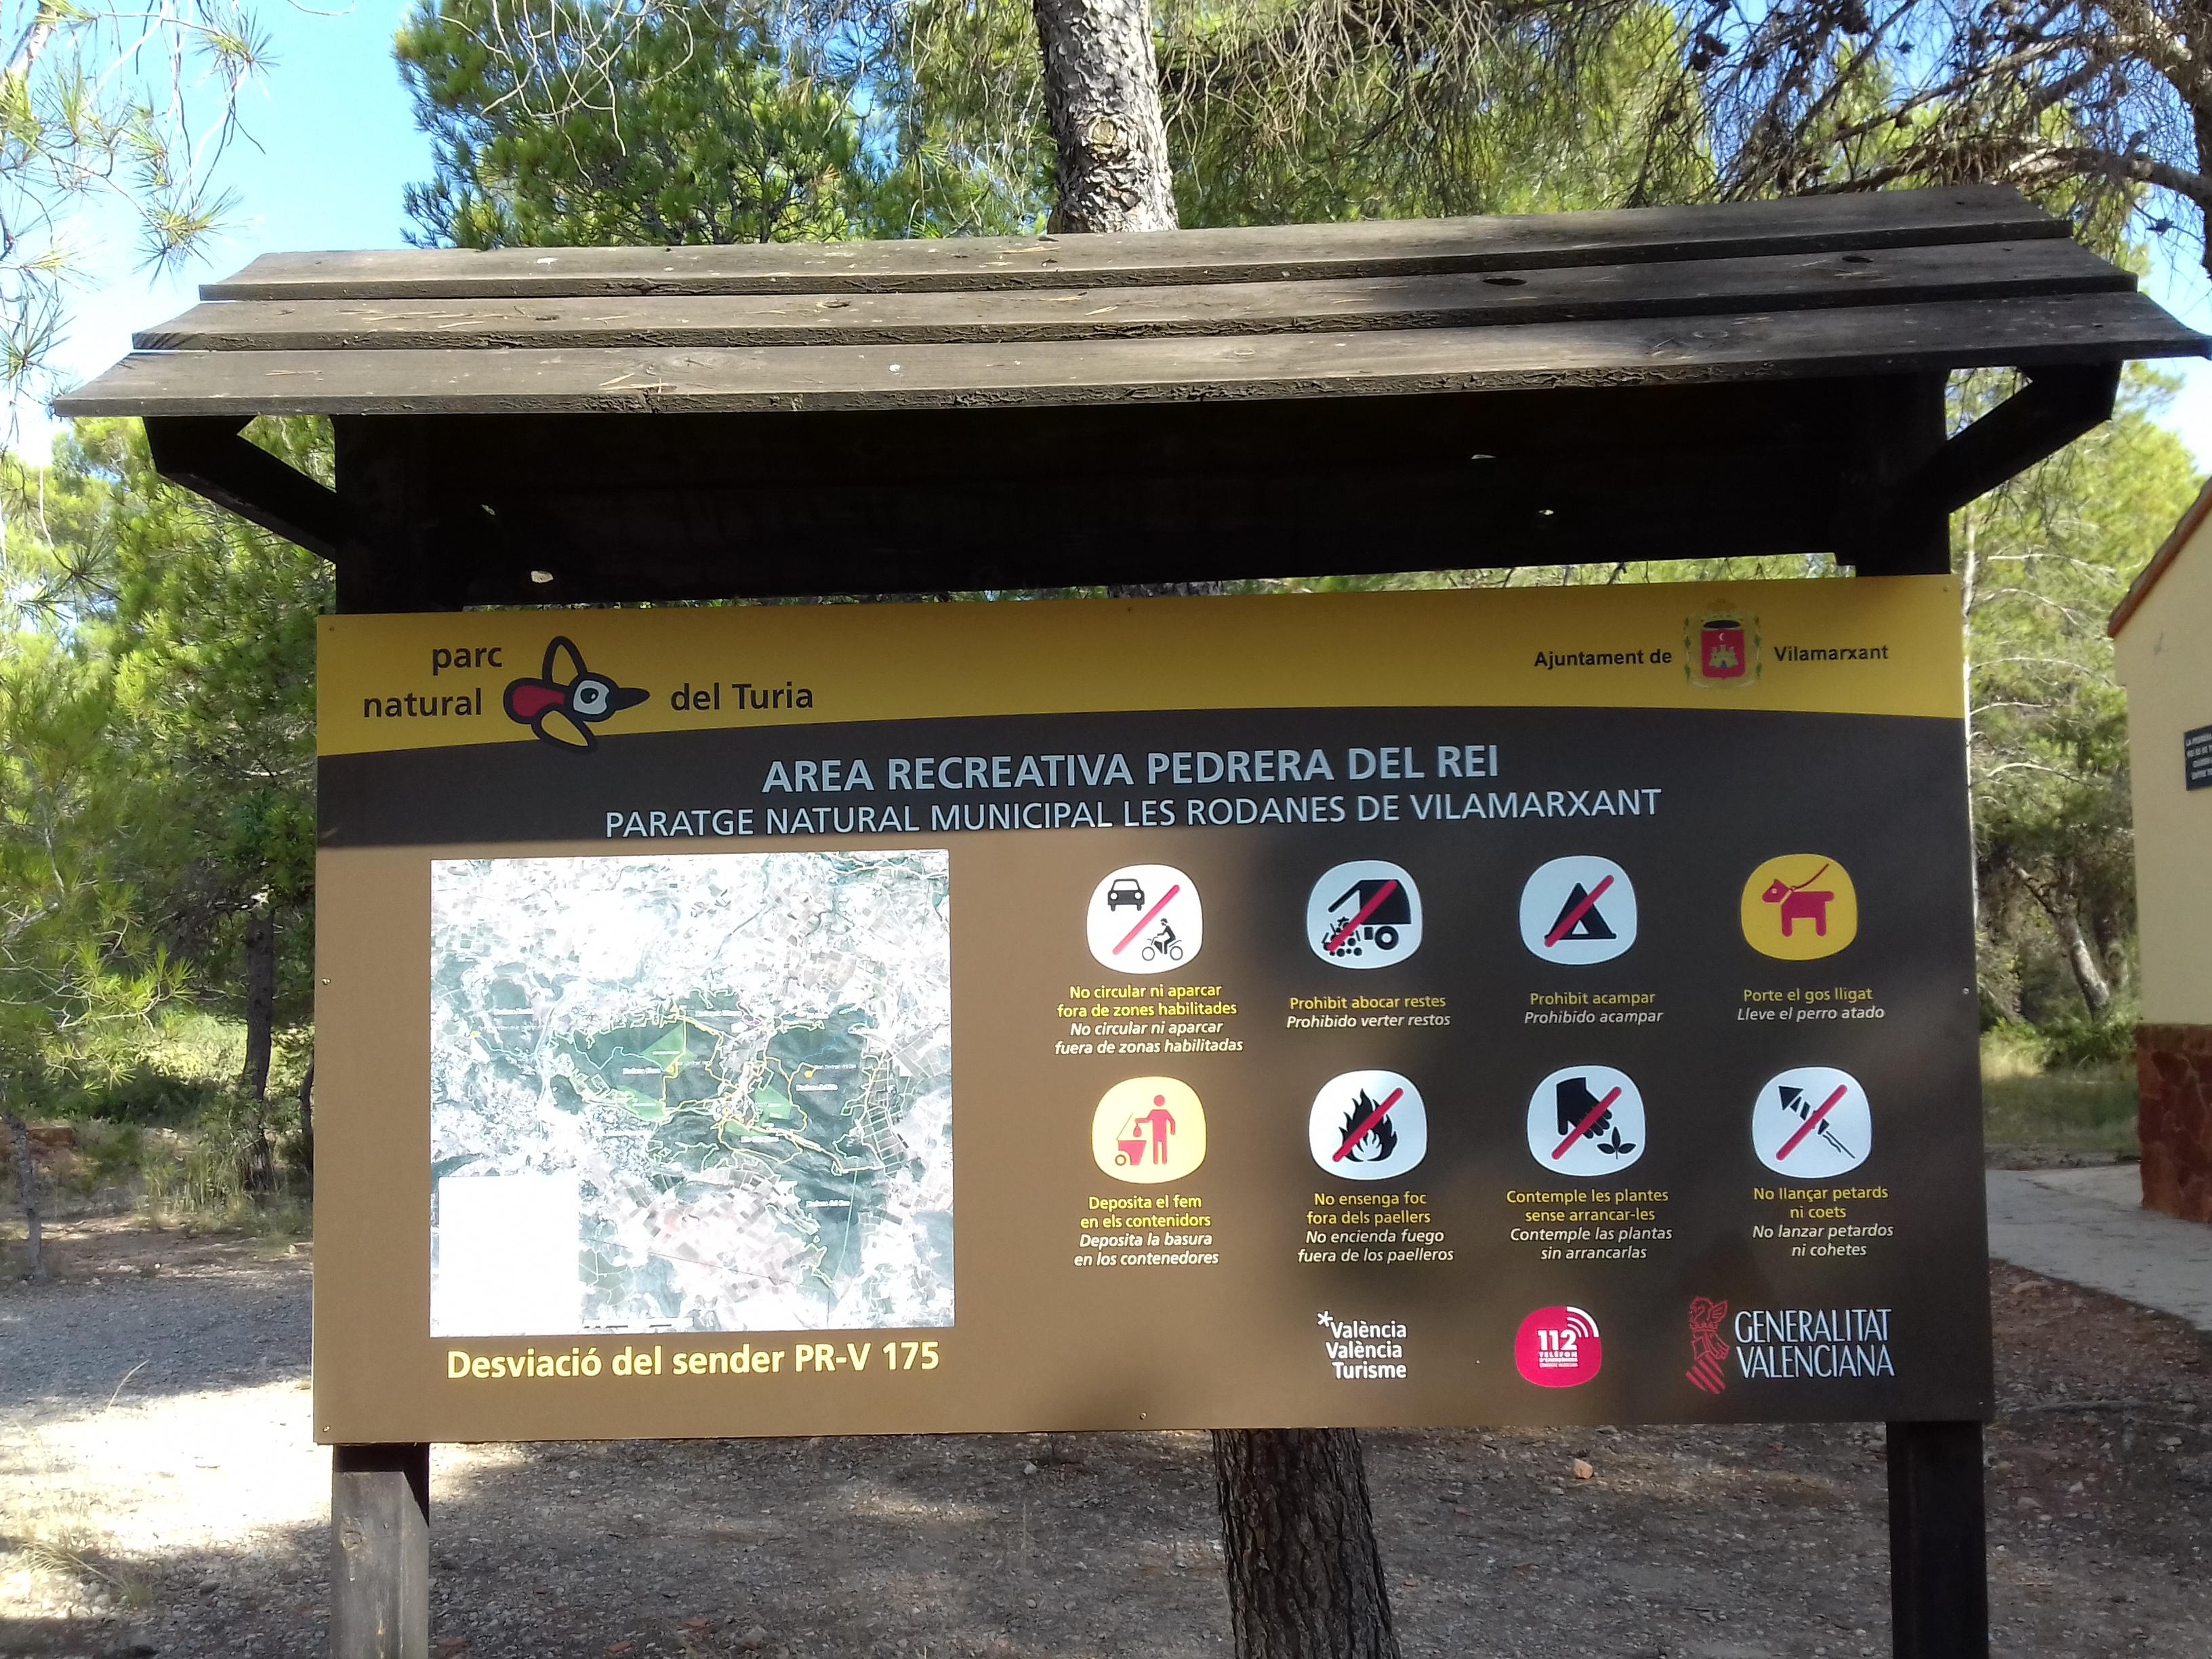 Una tècnic en turisme informarà als visitants del Parc Natural del Túria a partir del mes que ve sobre els atractius de Vilamarxant.